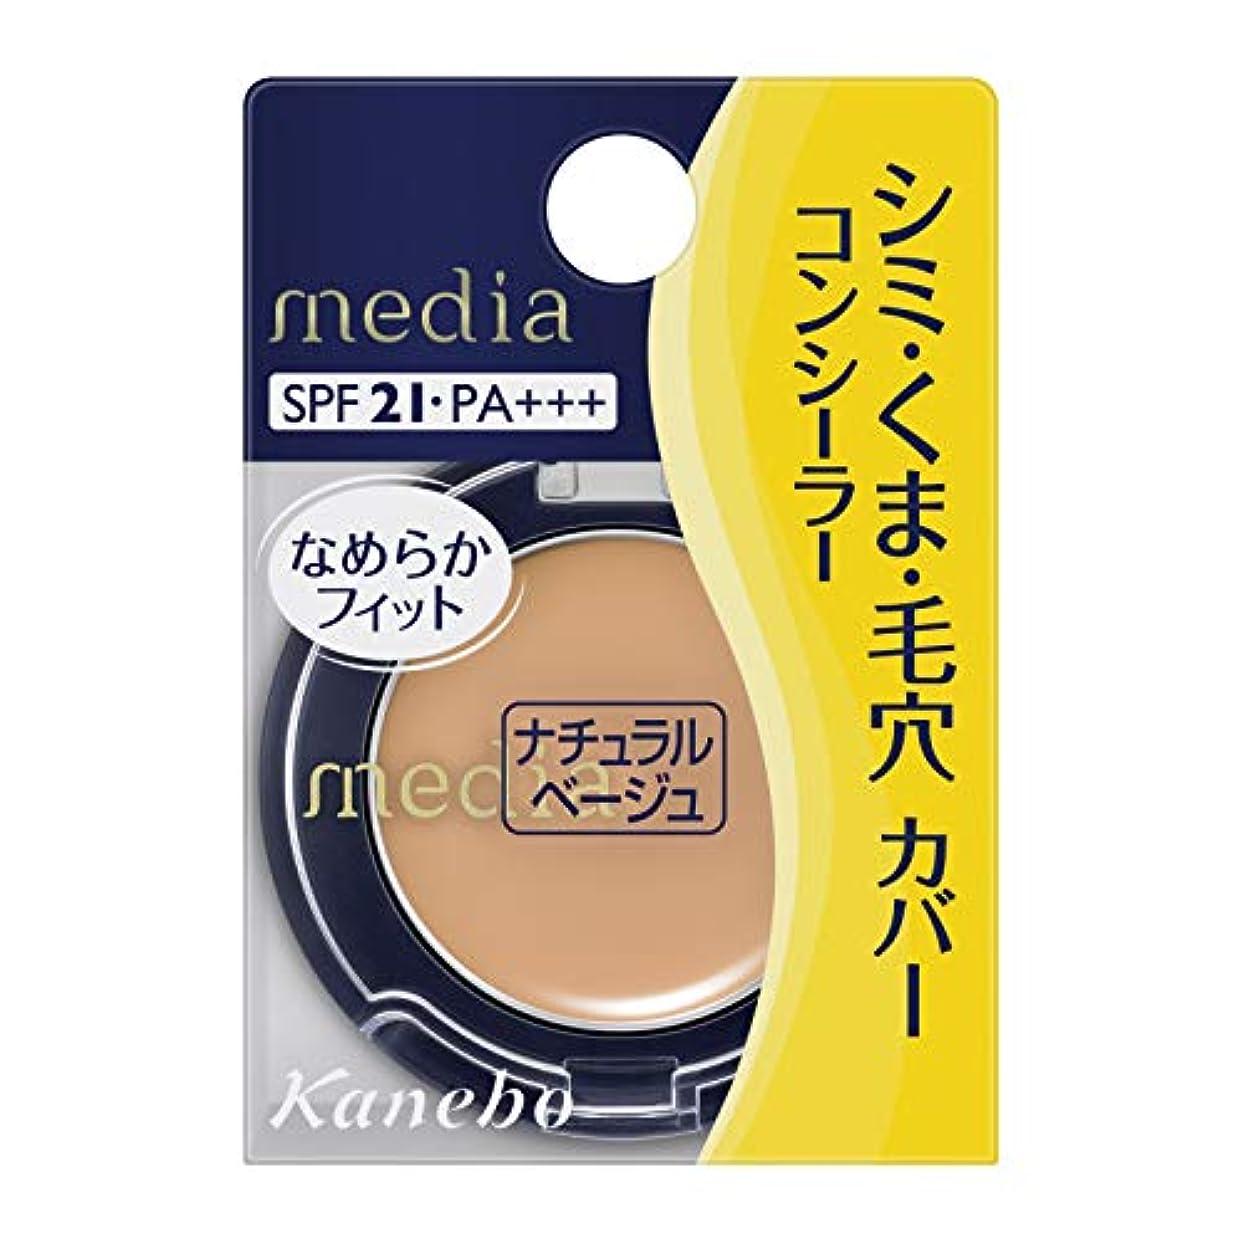 ブロー激怒ヘクタールカネボウ化粧品 メディア コンシーラー S ナチュラルベージュ 1.7g